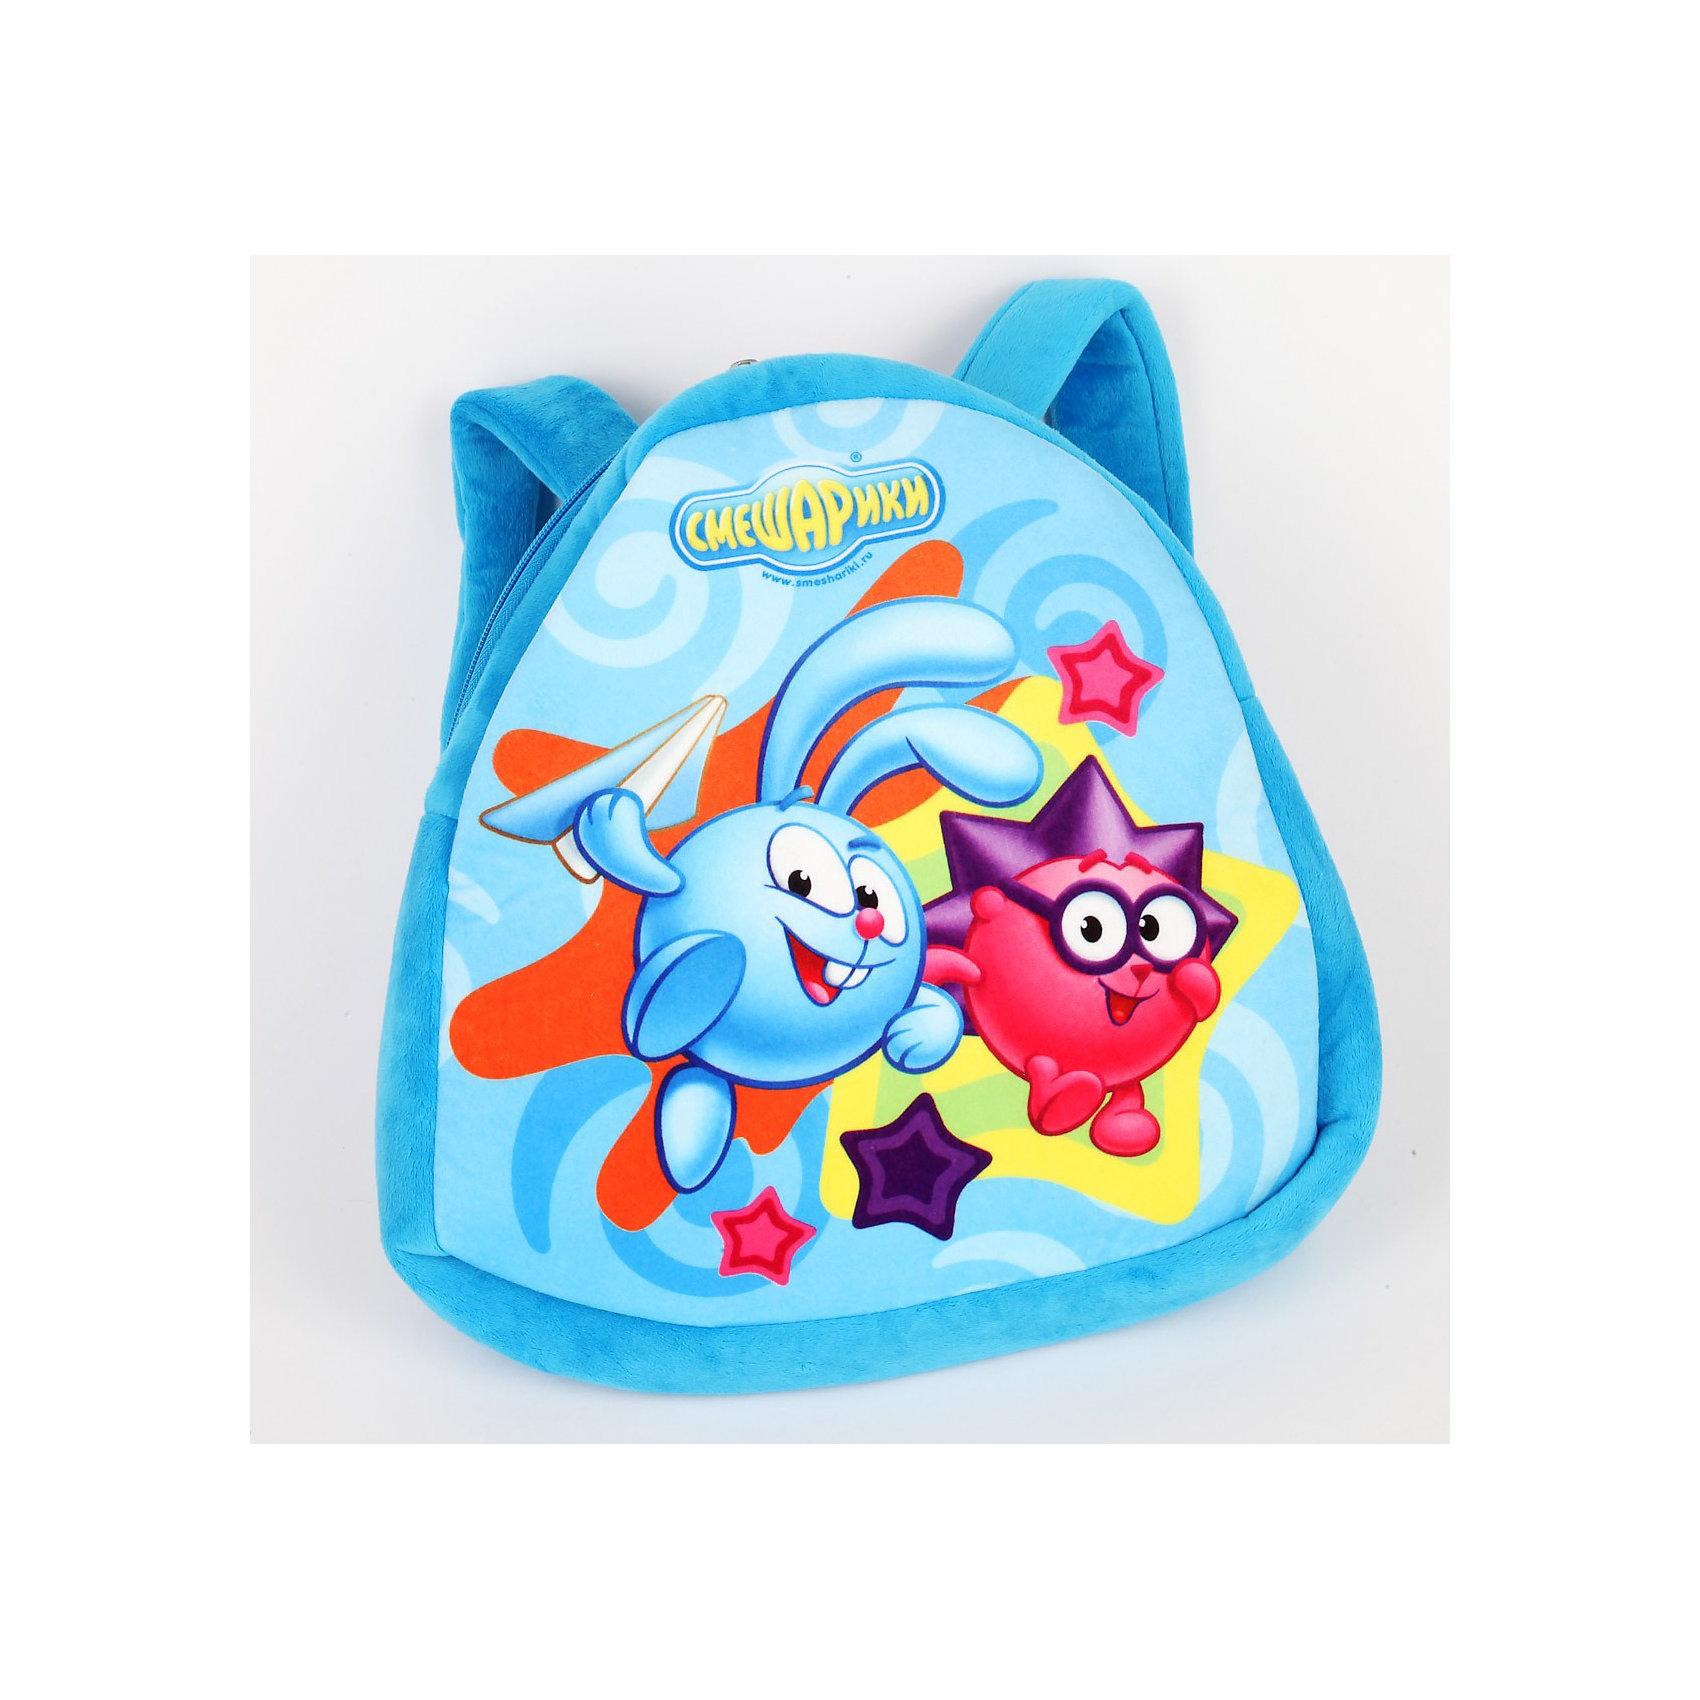 Мягкий рюкзак голубой, 30 см, Смешарики, МУЛЬТИ-ПУЛЬТИ